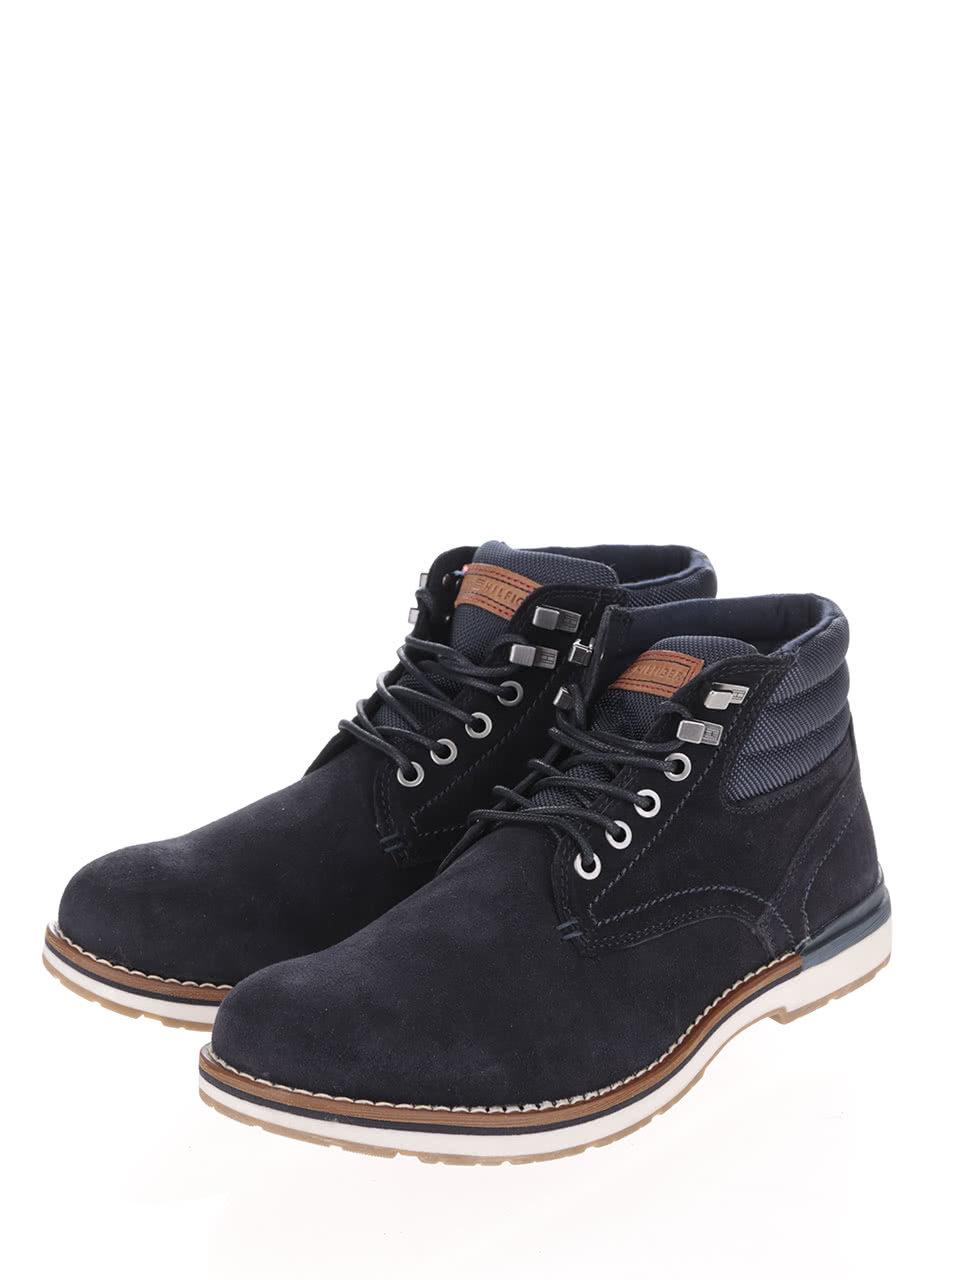 05748dfc6f Tmavomodré pánske semišové členkové topánky Tommy Hilfiger ...